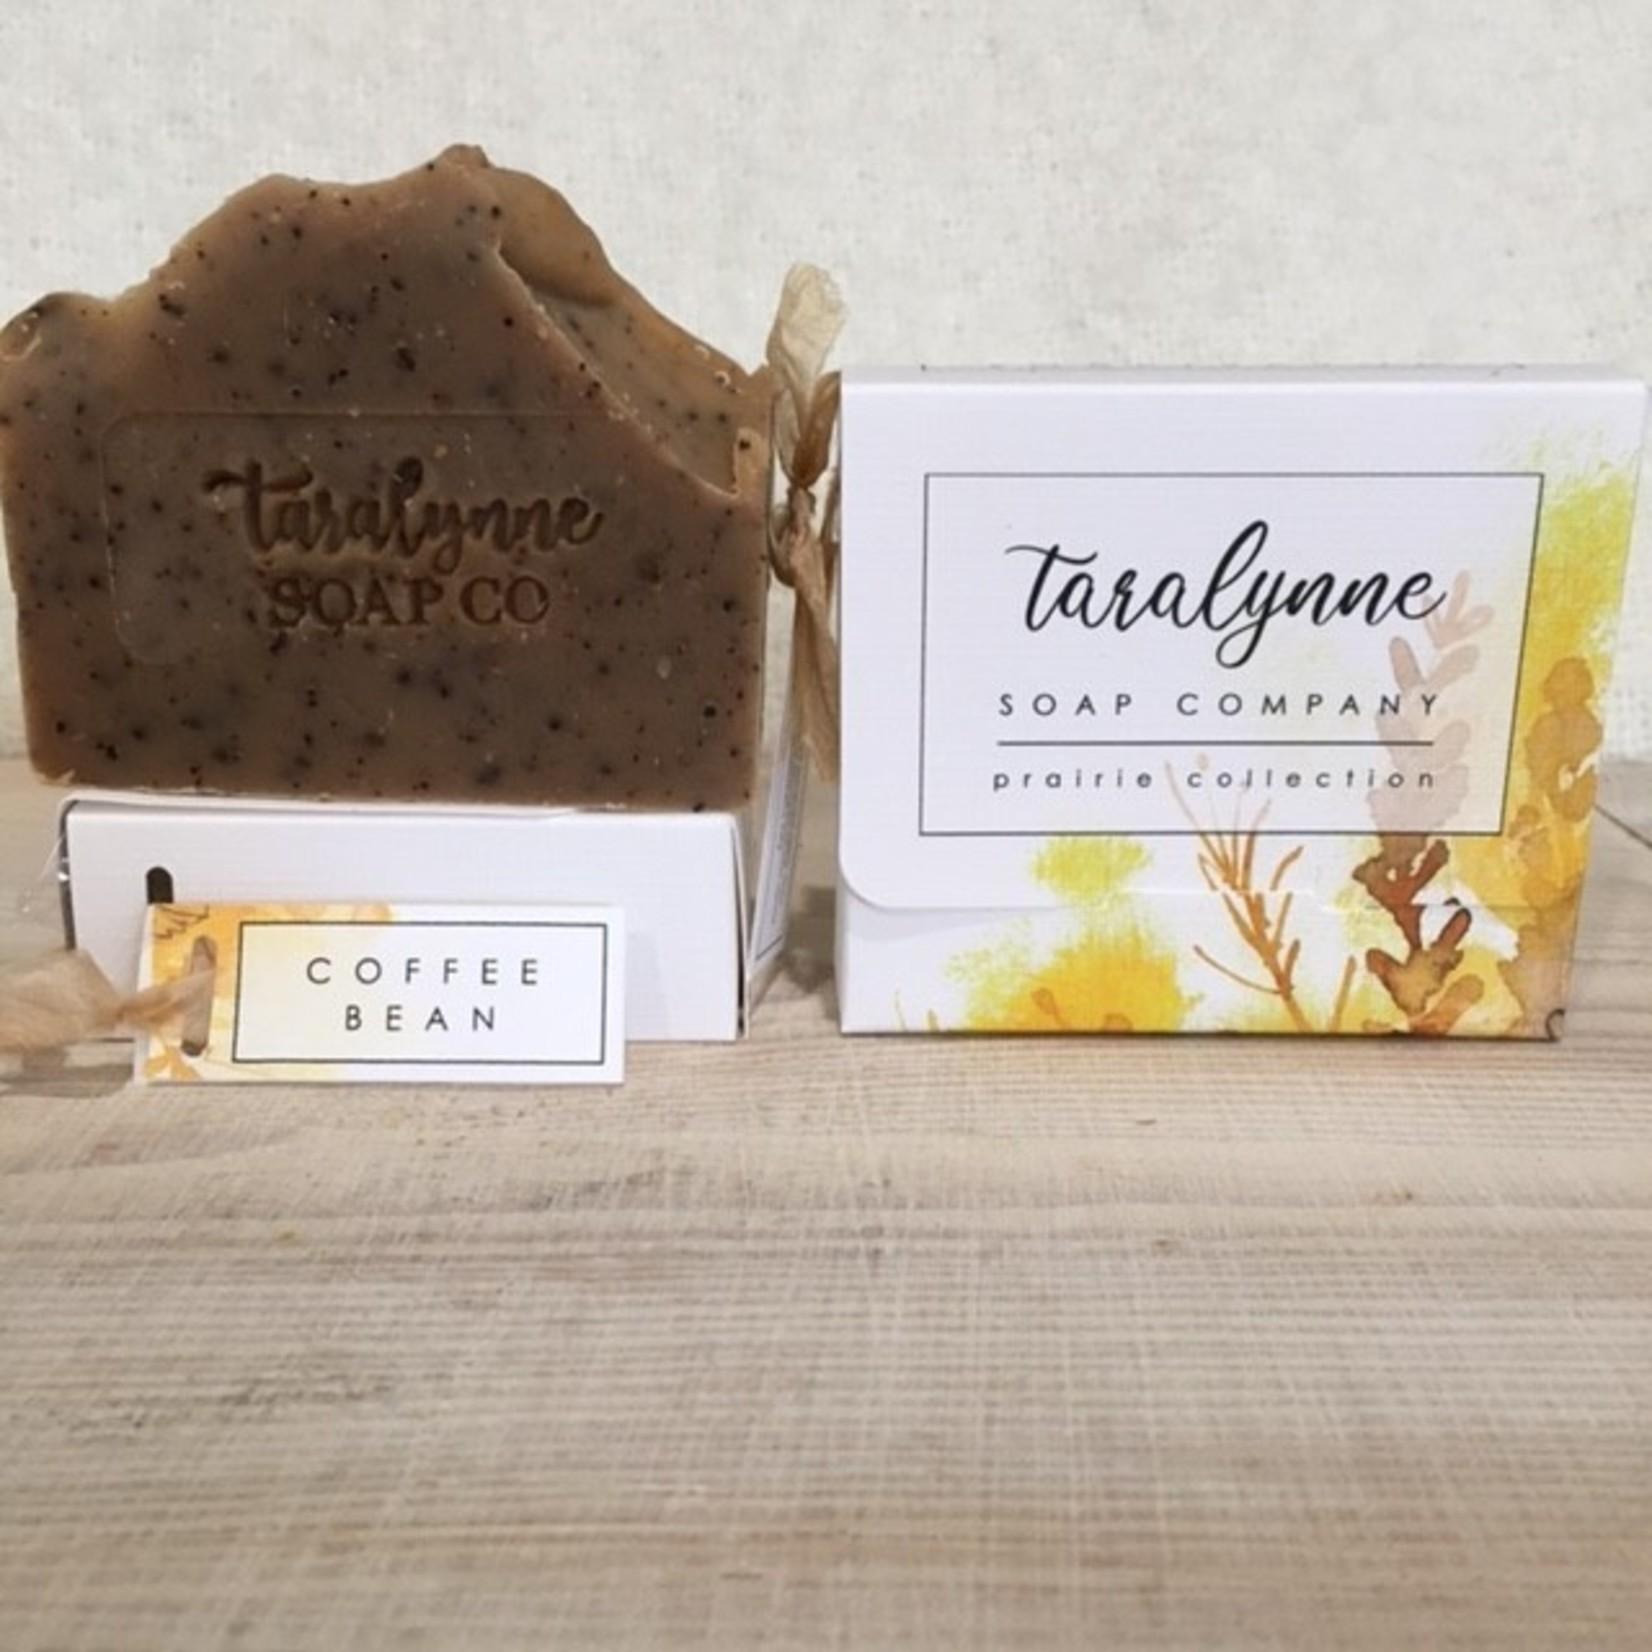 Tara Lynne Coffee Soap